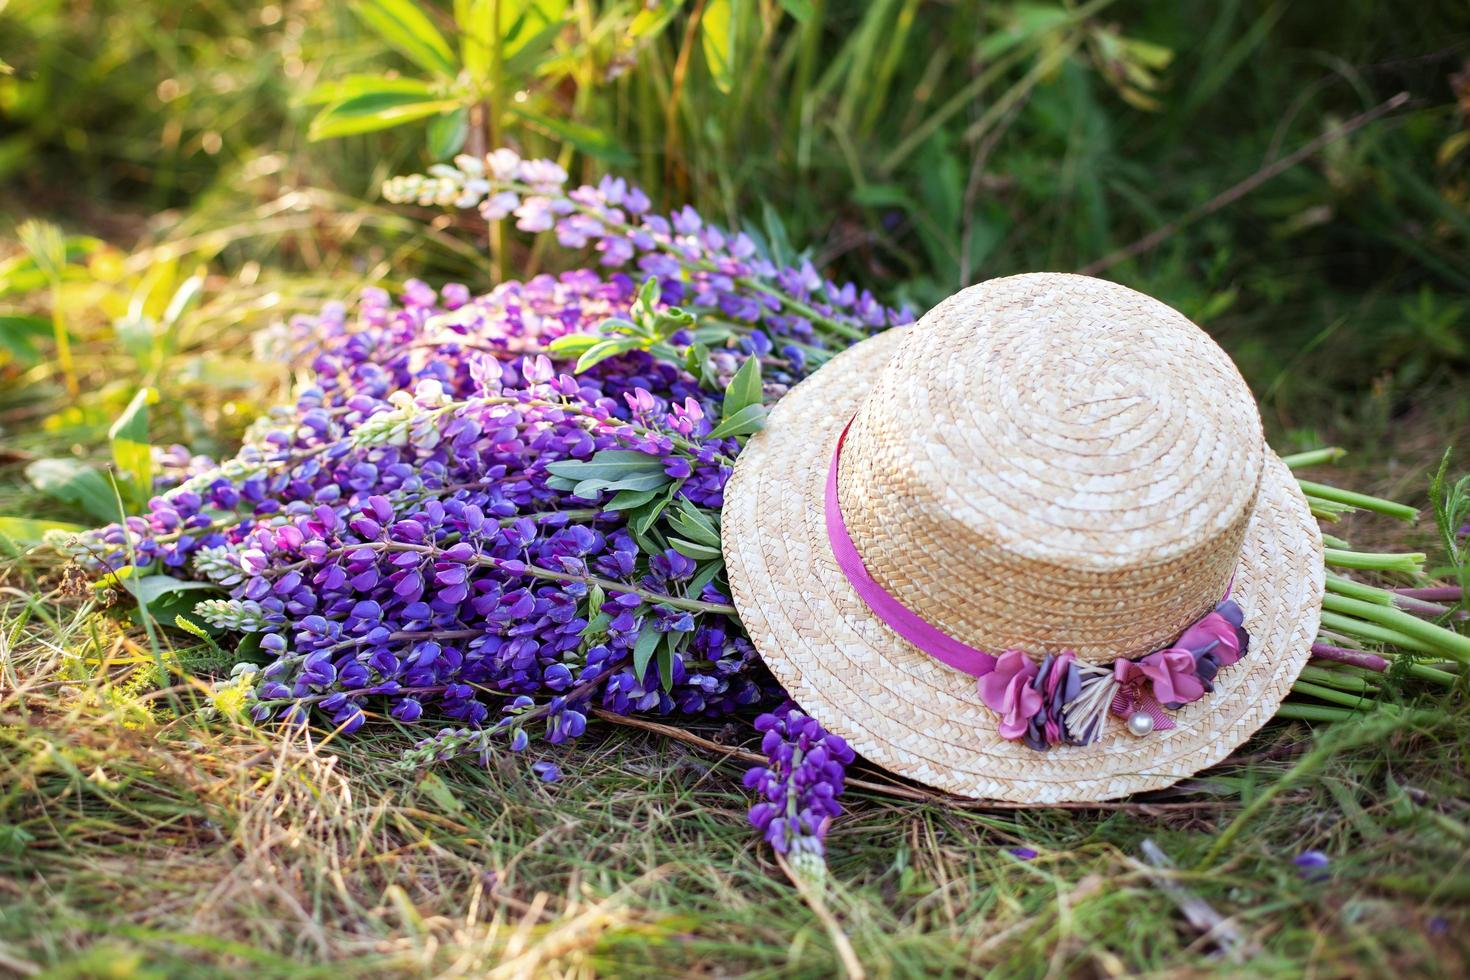 paarse lupine bloemen bedekt met stro hoed in veld foto